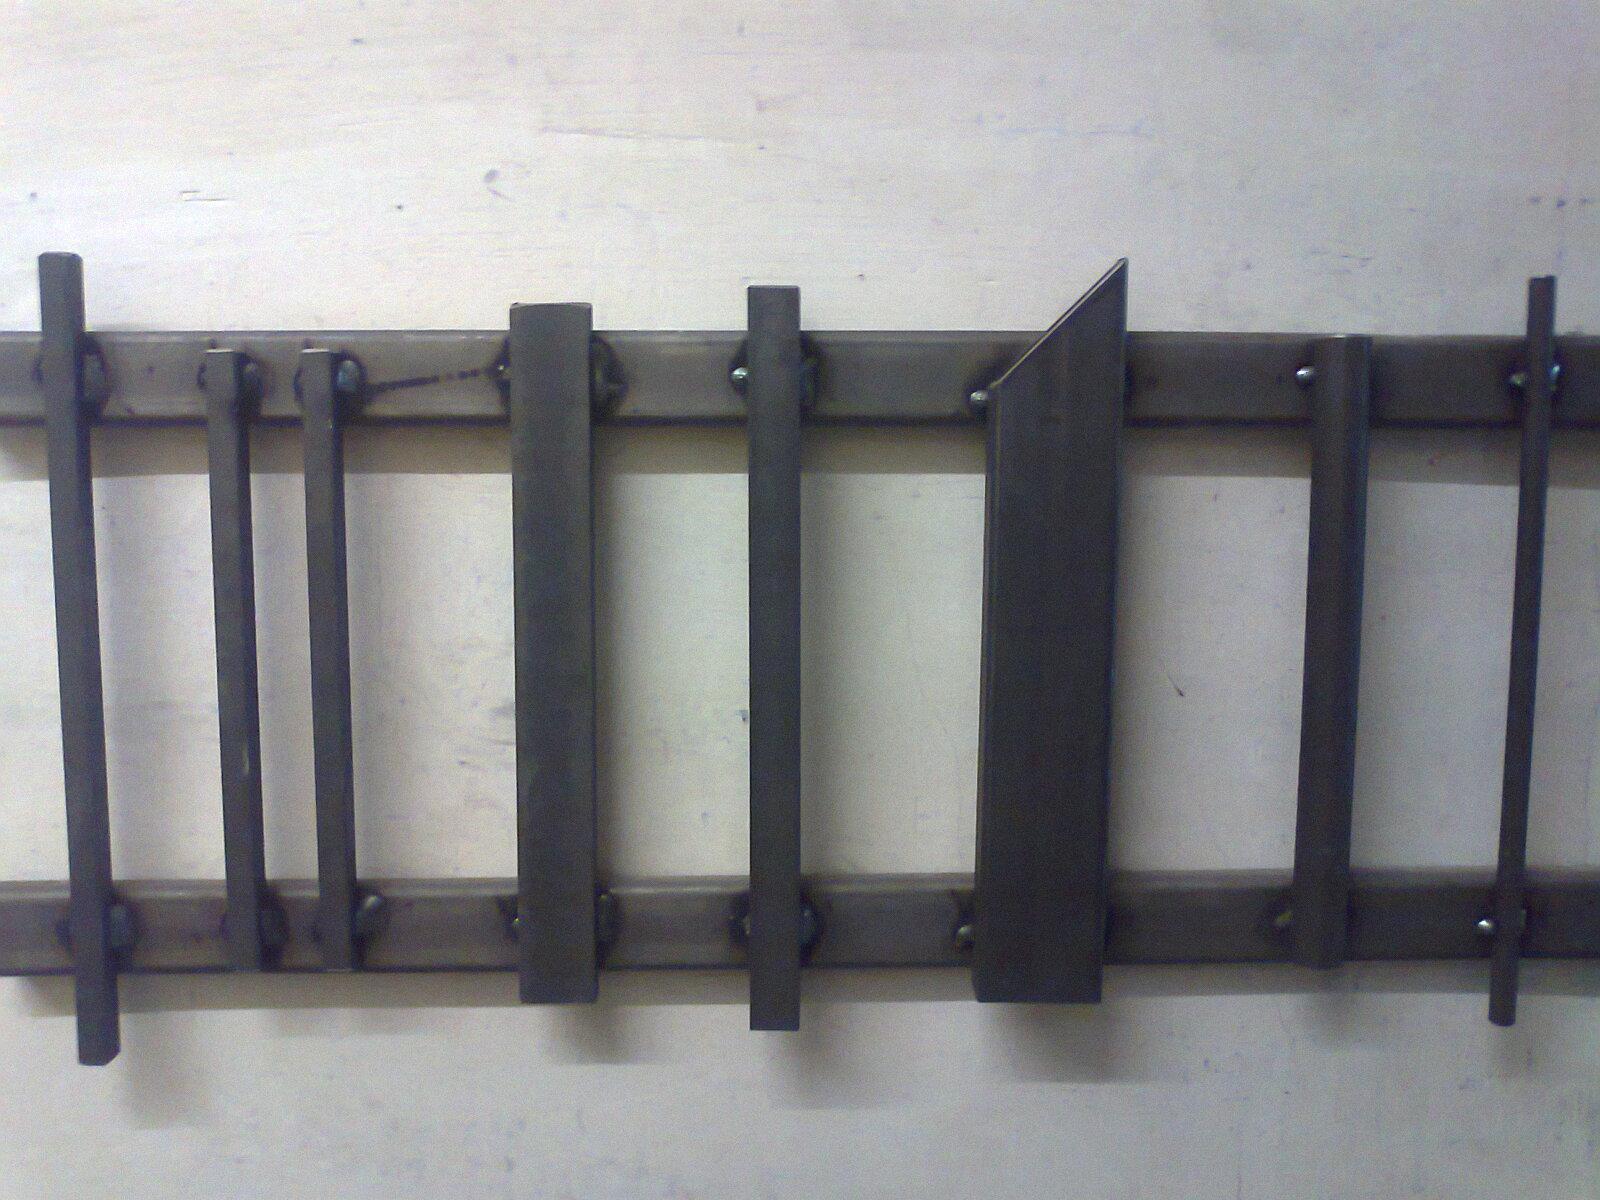 pospisil metallbau & schlosserei (1220 wien): sicherheitsschlösser